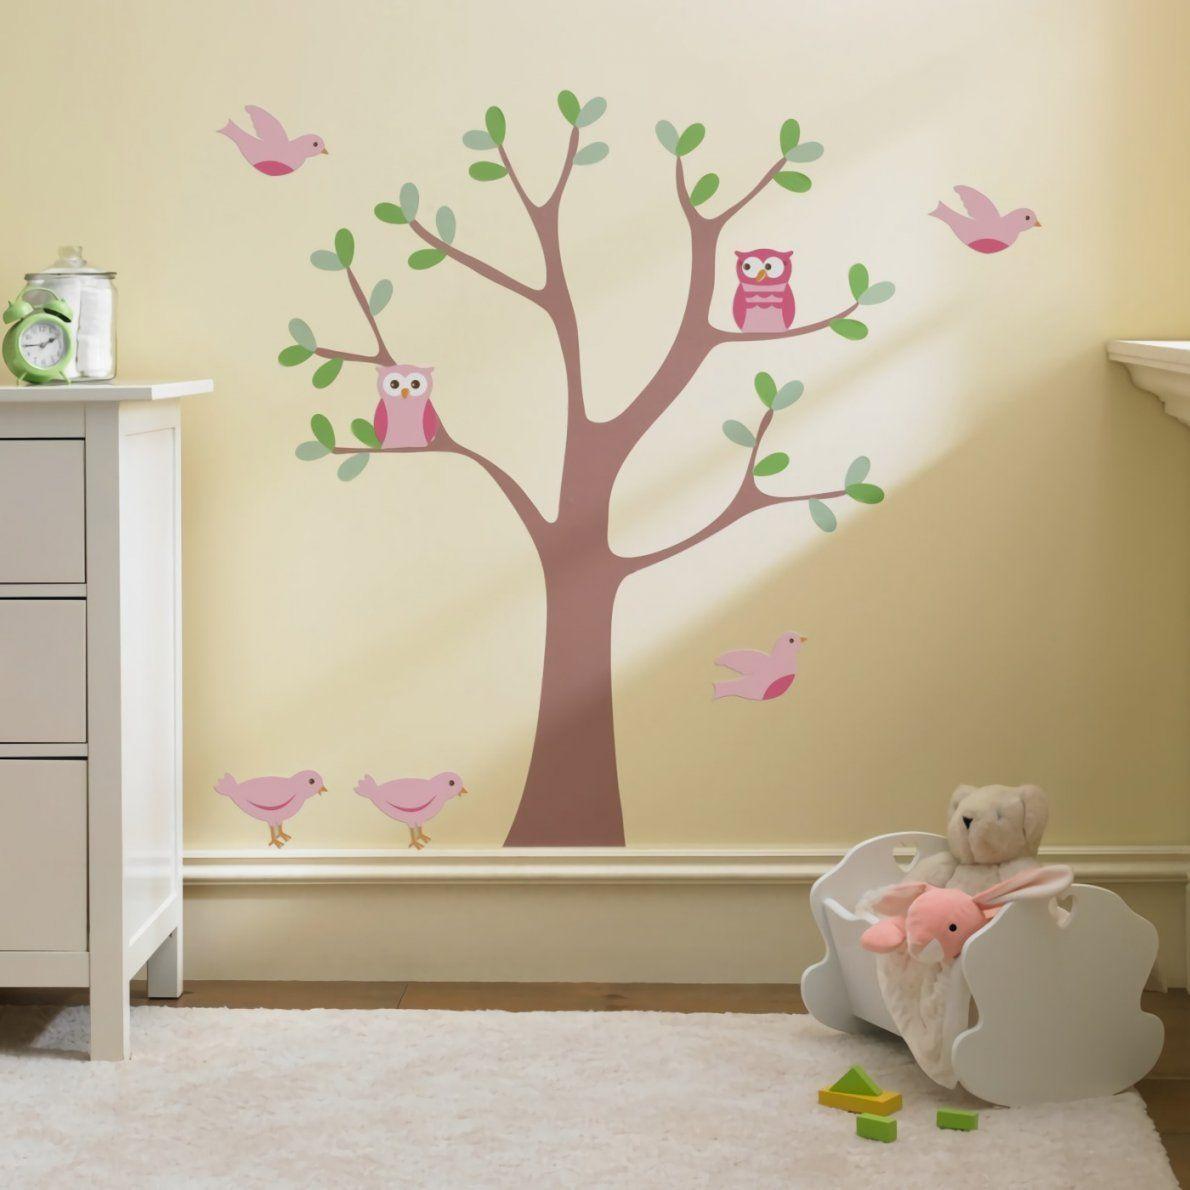 Ideen Babyzimmer Streichen Streifen Wand Streichen Deko Idee Wei Zu von Babyzimmer Streichen Ideen Bilder Bild